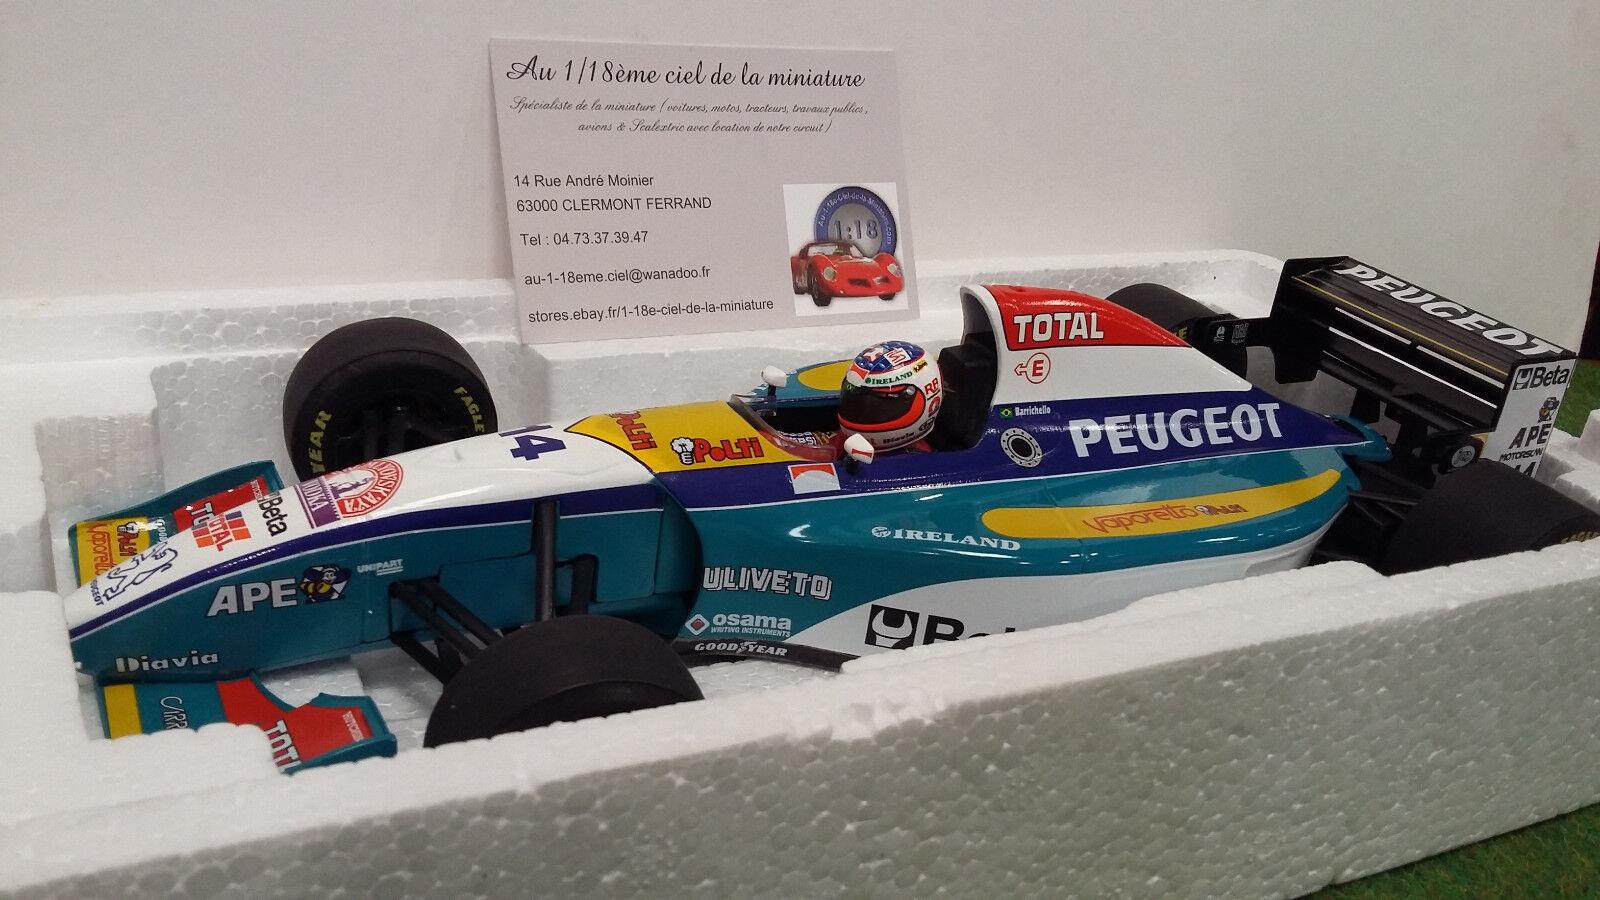 F1 JORDAN PEUGEOT BARRICHELLO EJR 195 1 18 Minichamps 180950014 voiture